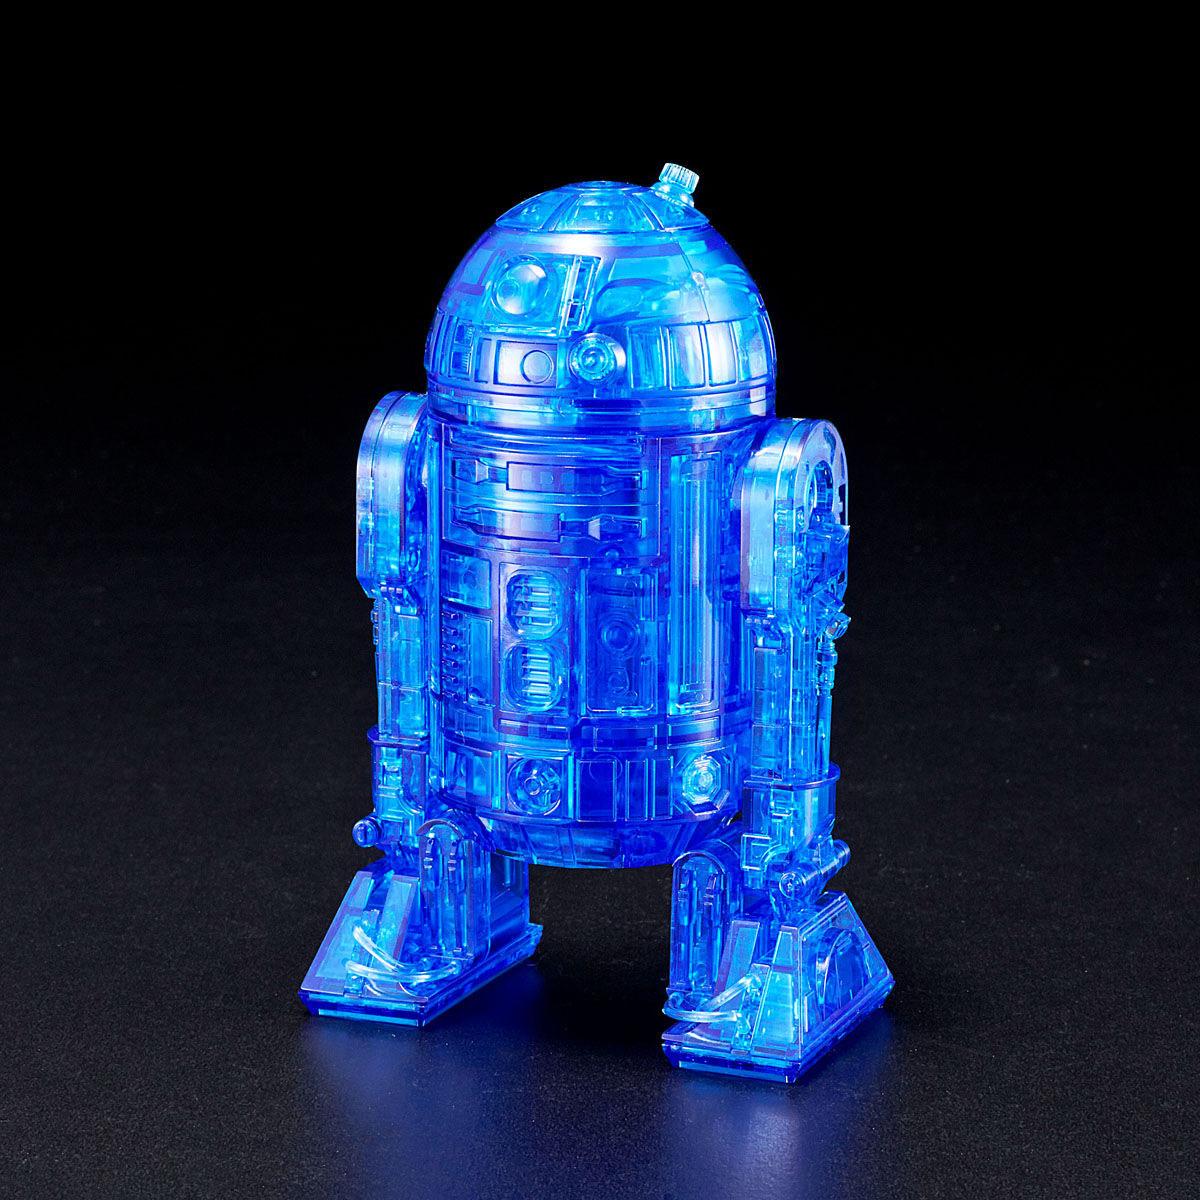 【限定販売】1/12『R2-D2(ホログラムVer.)』スター・ウォーズ プラモデル-002